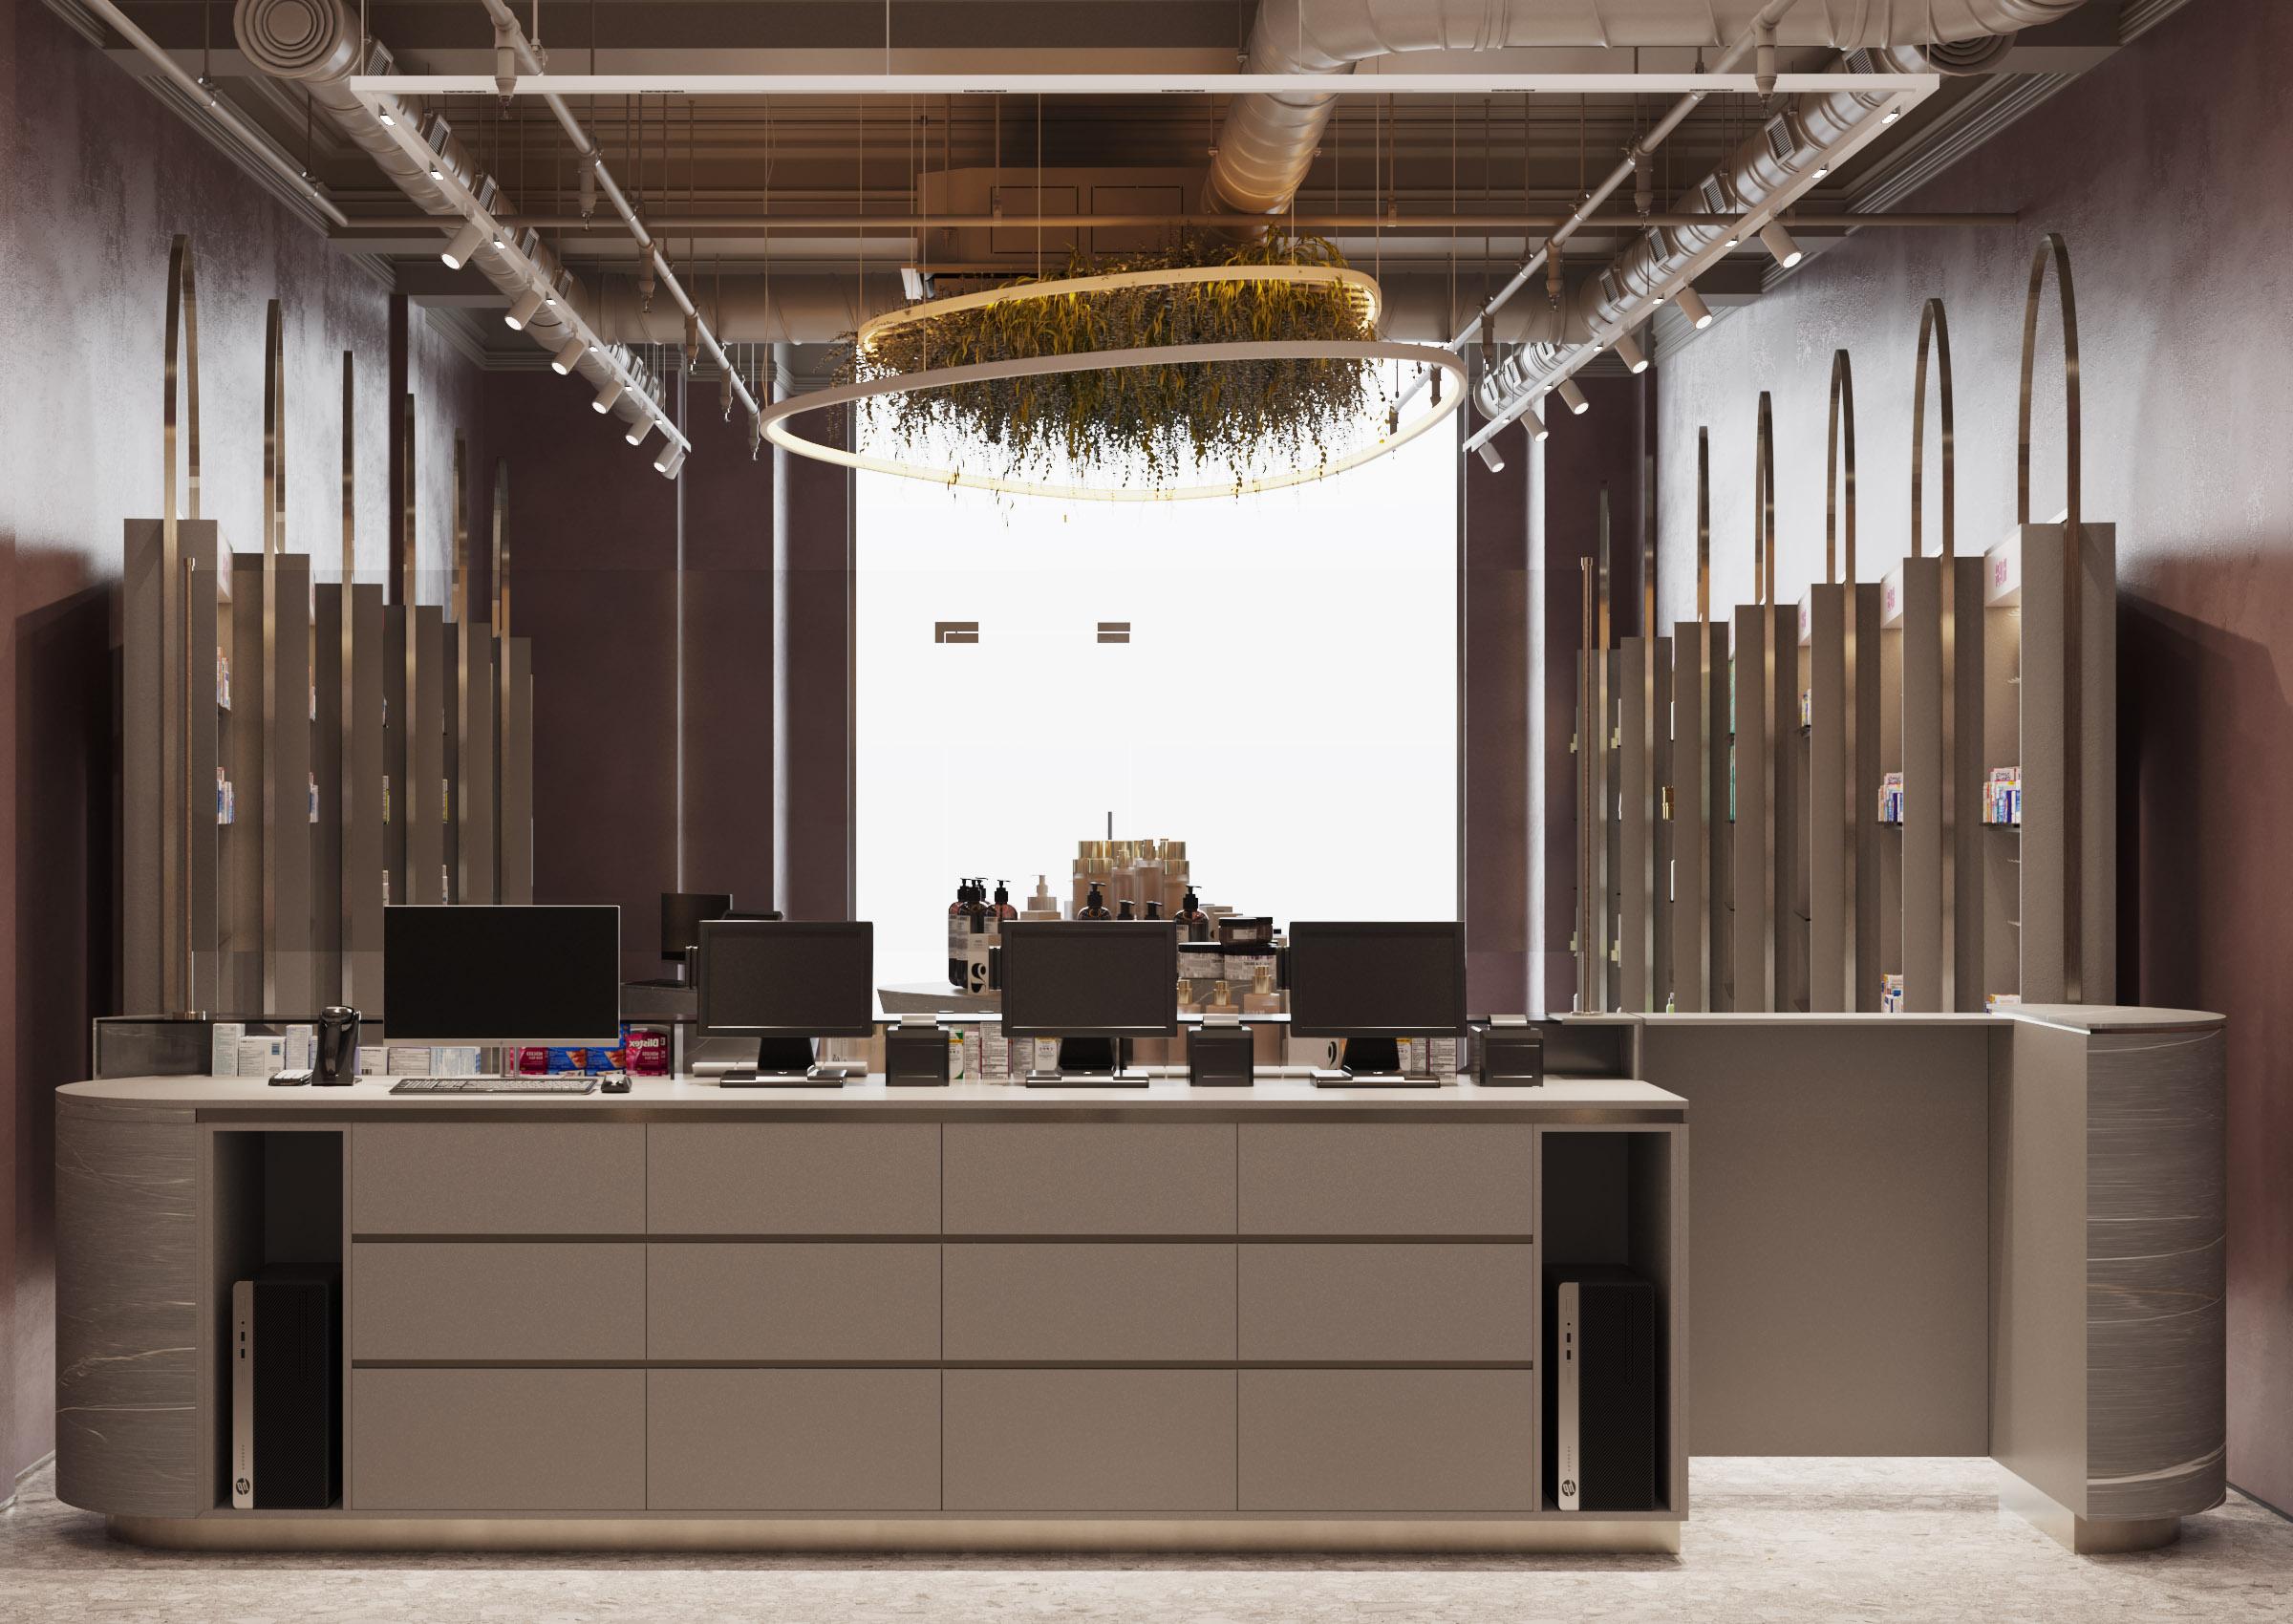 Proiect de amenajare interioara a farmaciei Elody, biroul de arhitectura si design ab+partners